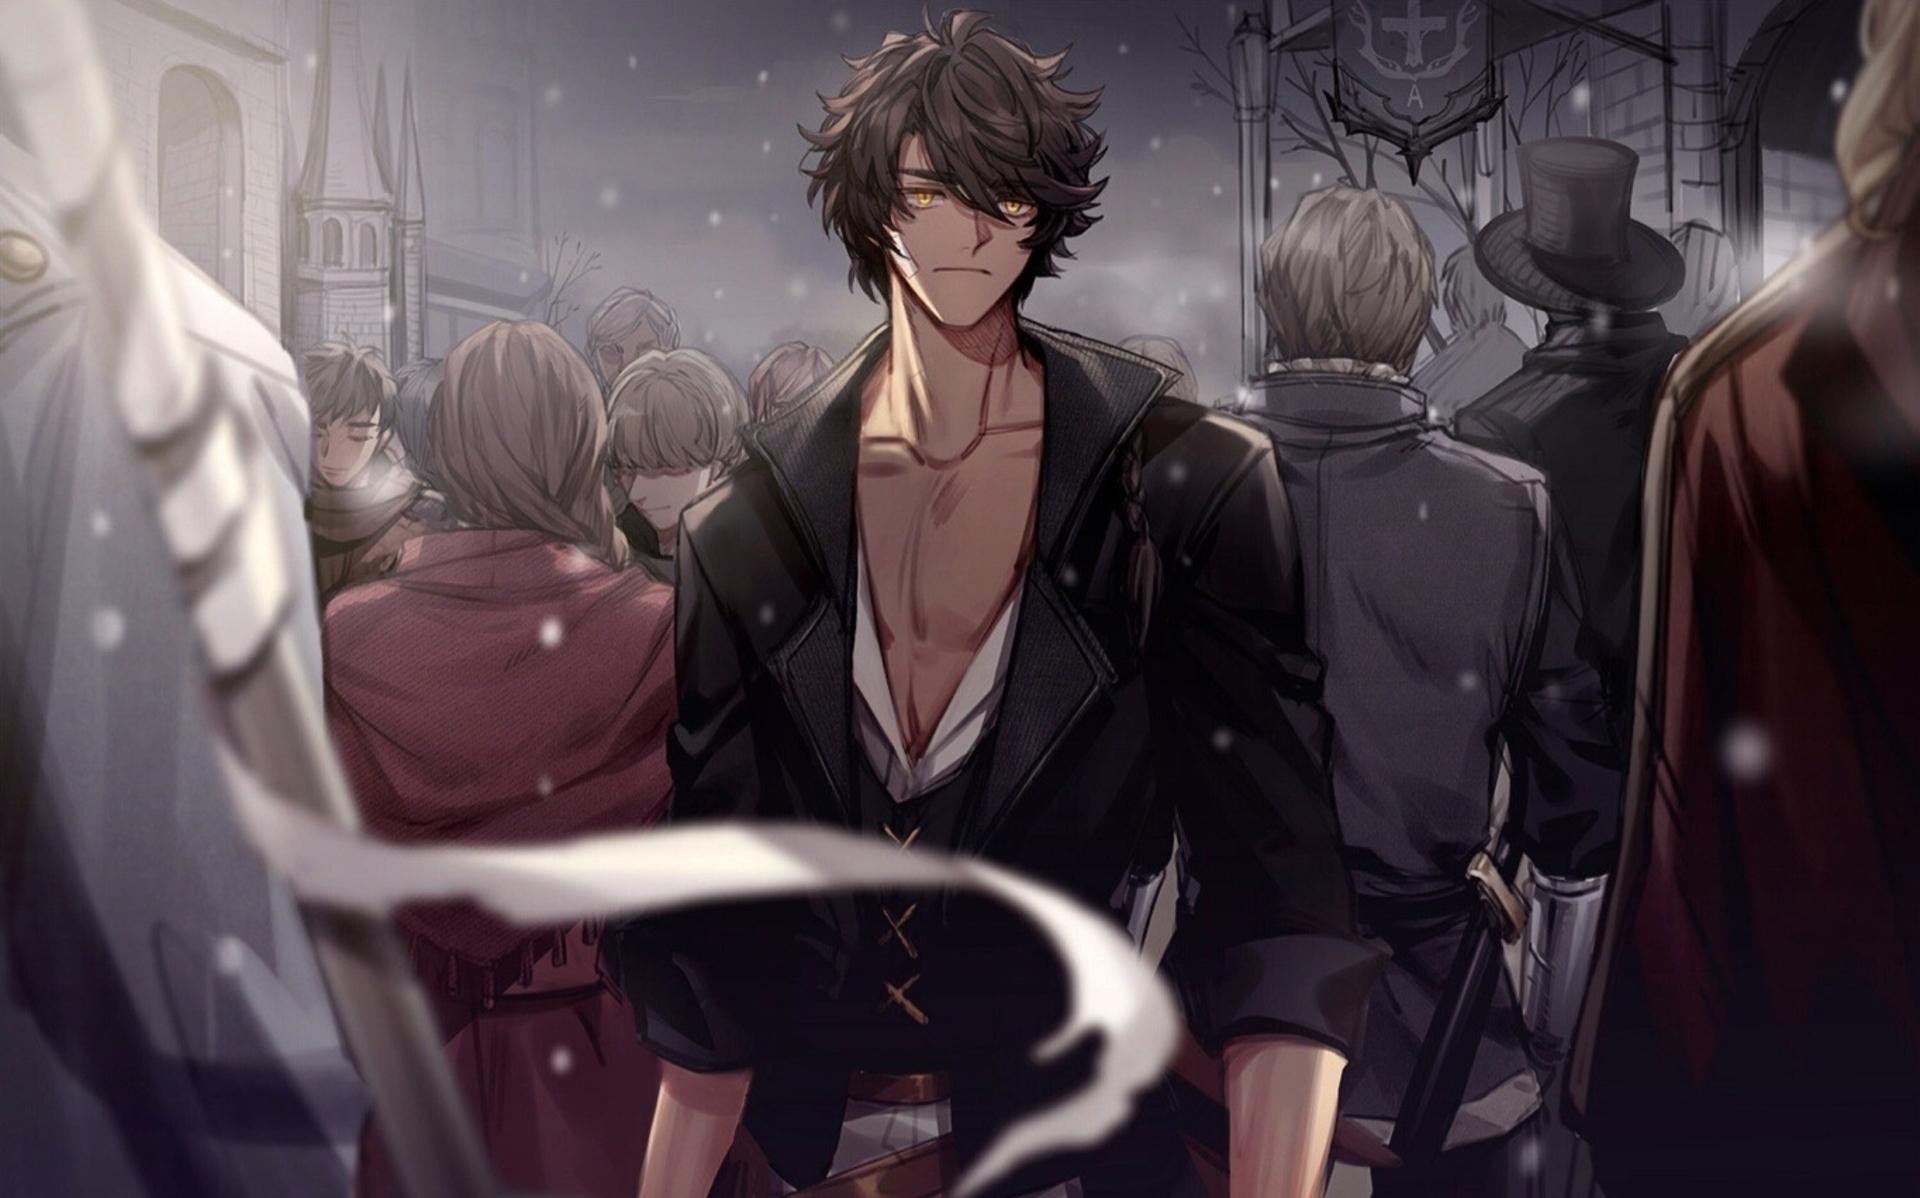 Alone Anime Boy Wallpaper Hd